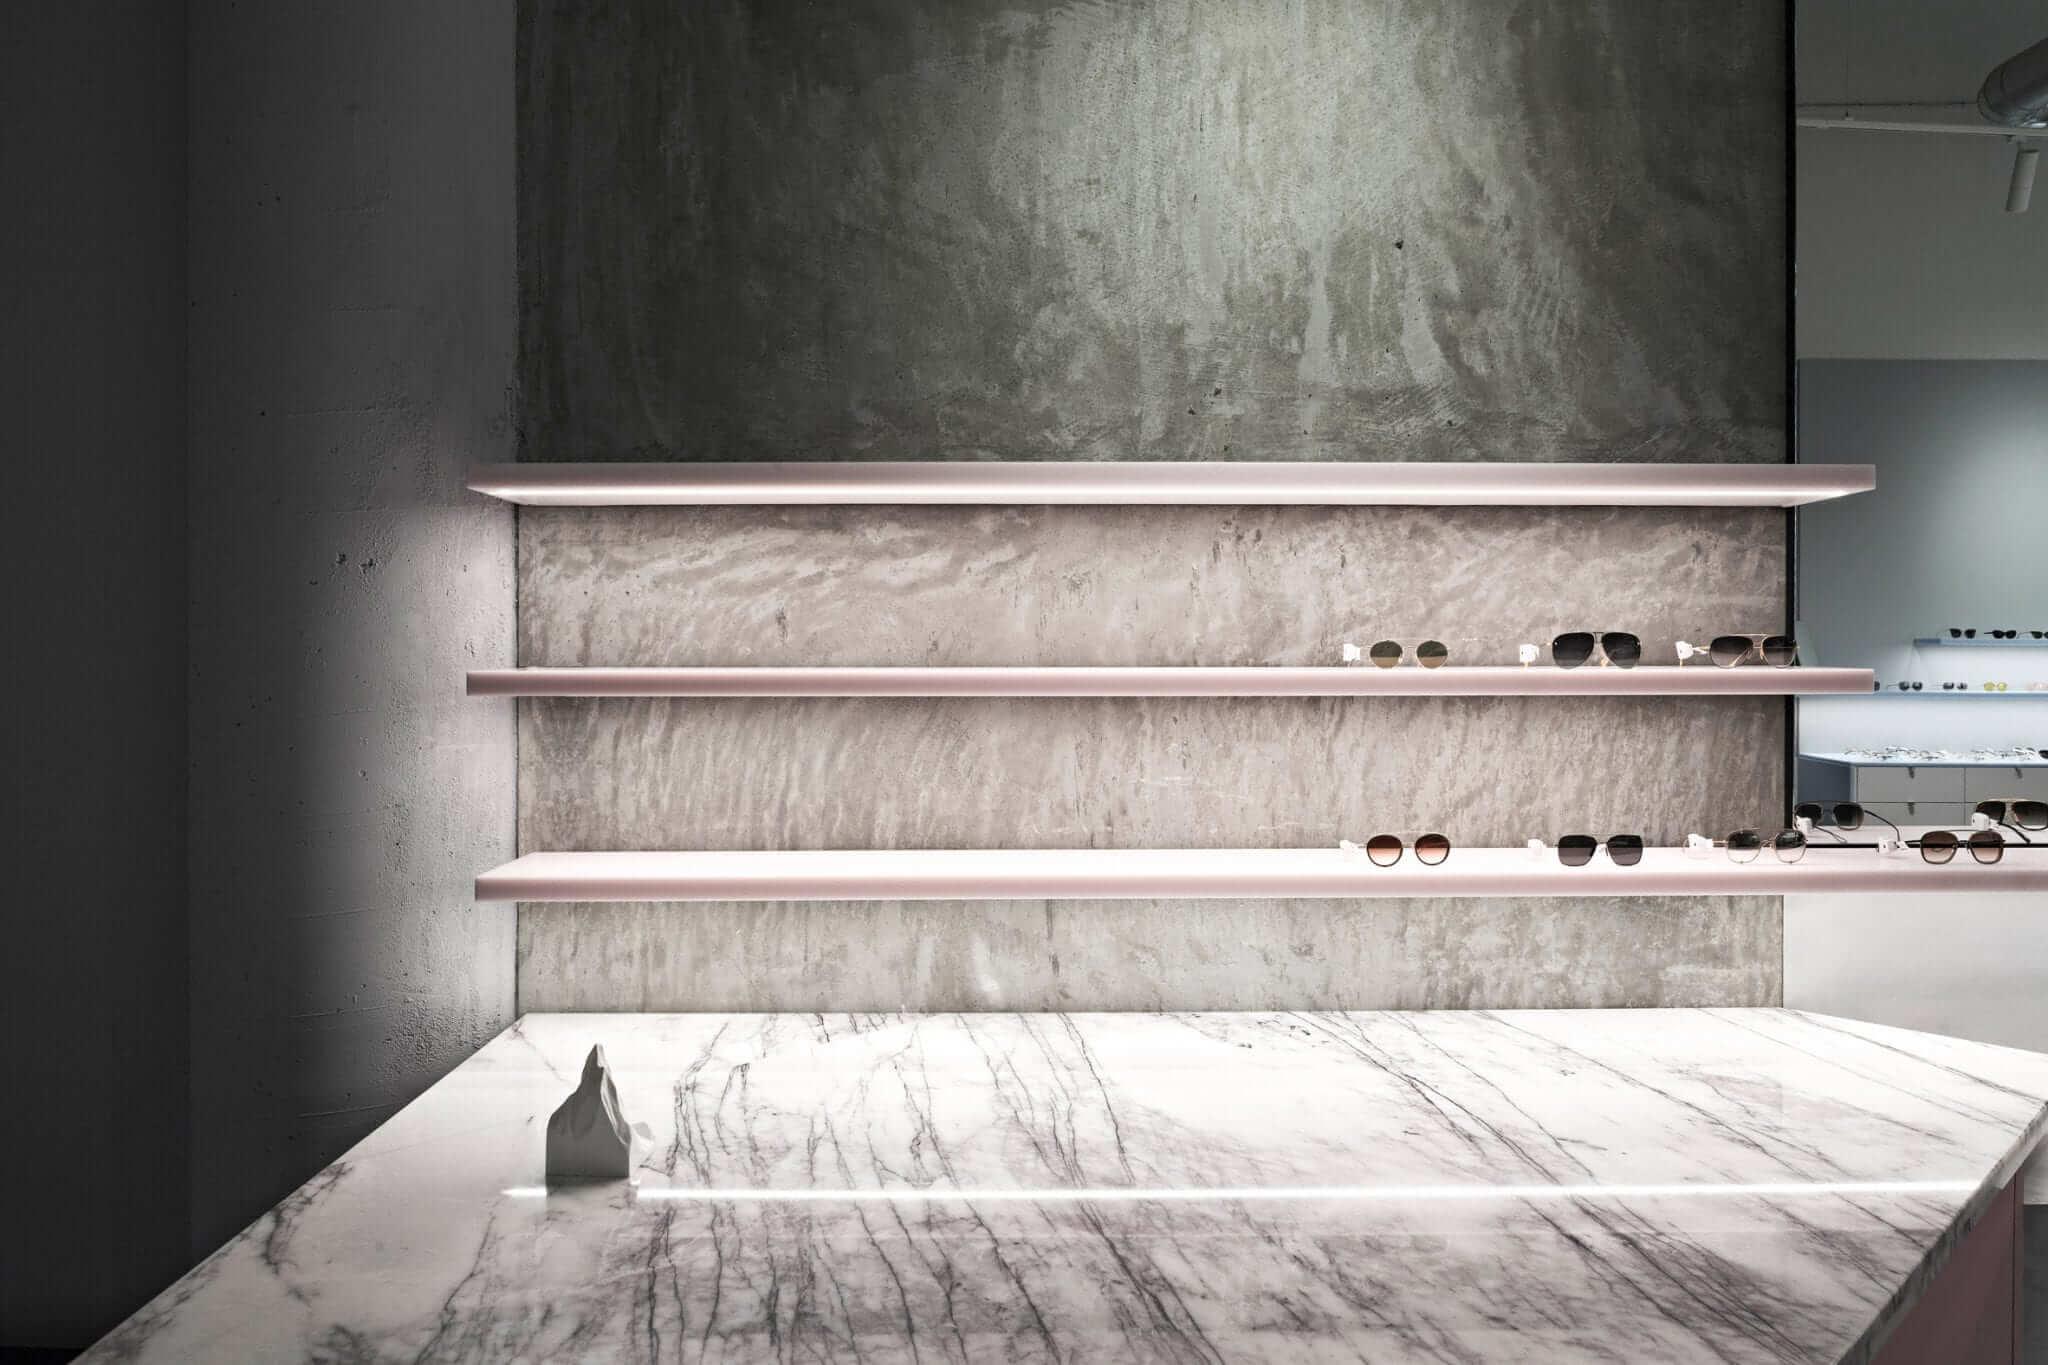 فروشگاه عینک مانند جواهرات در پشت نمای آلومینیومی